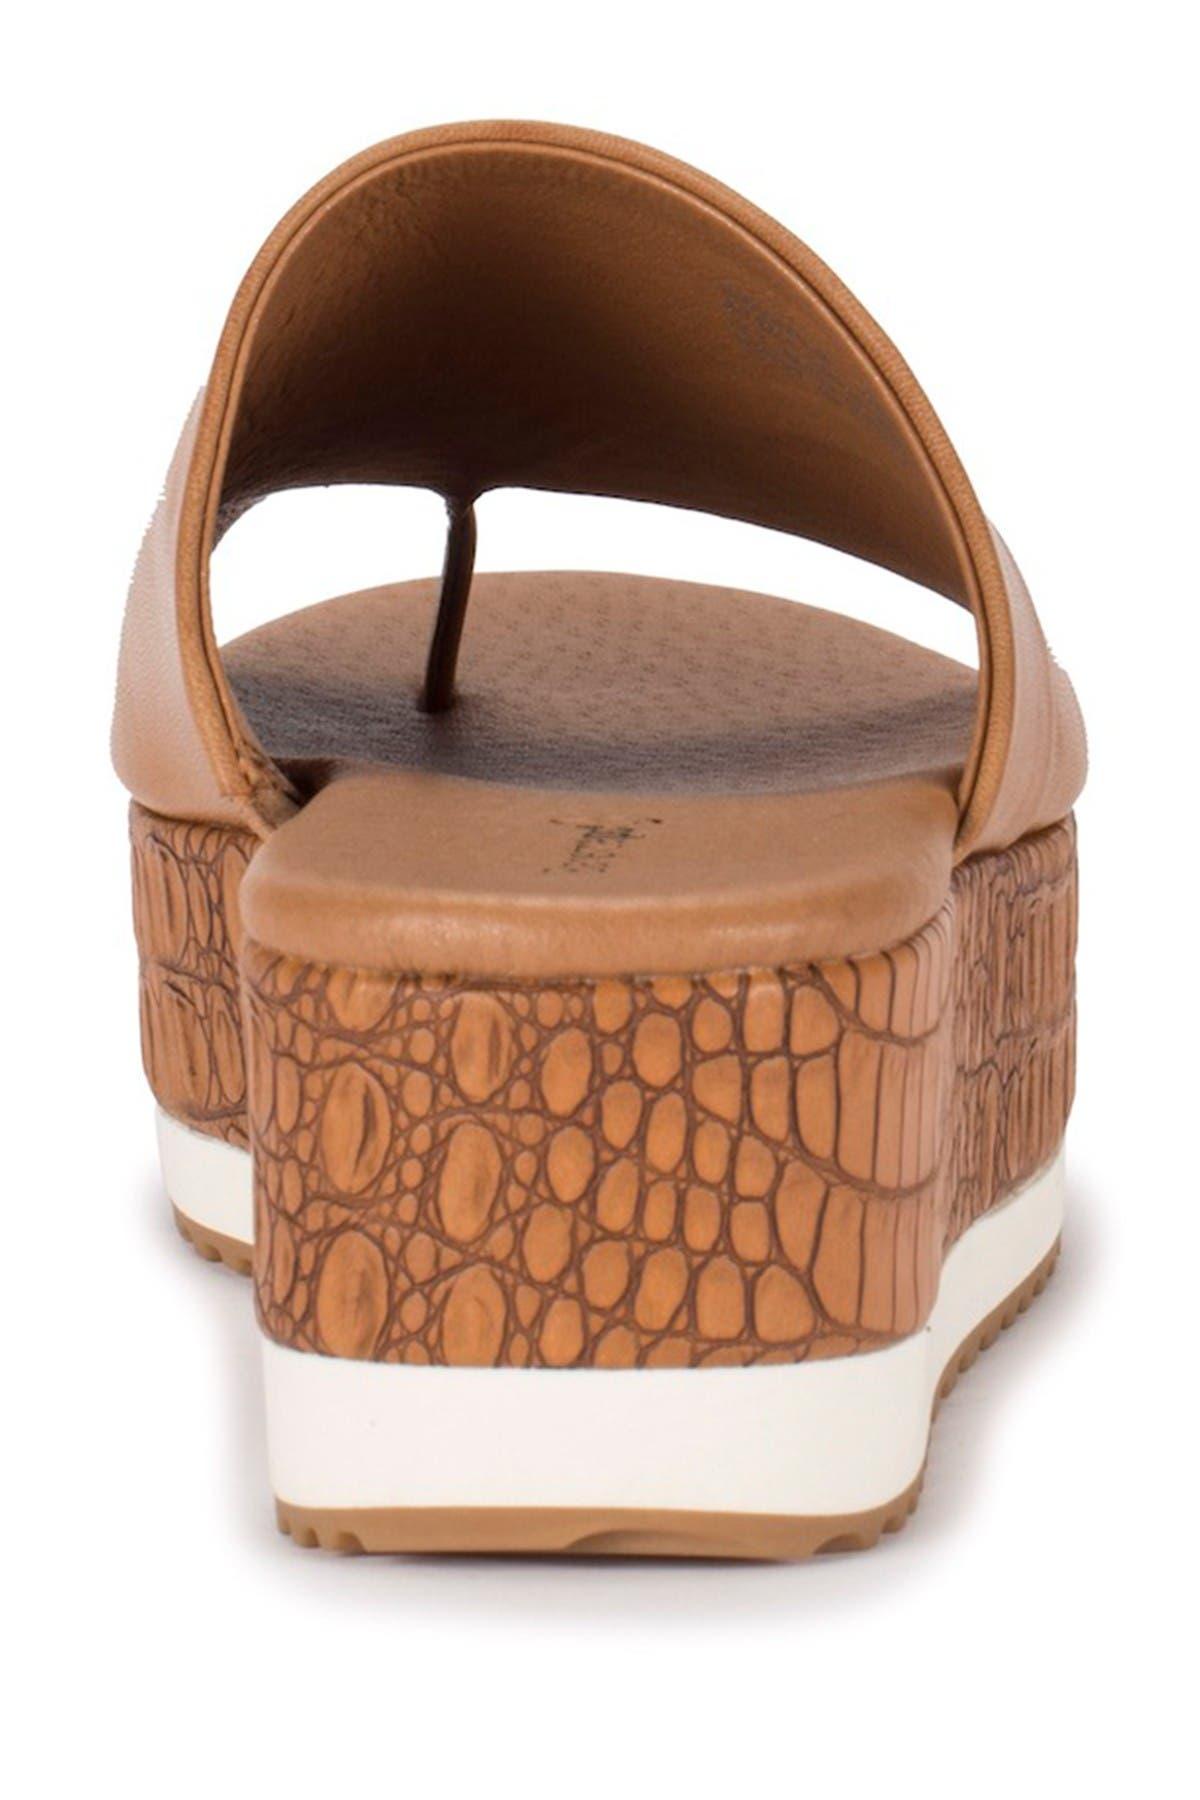 Image of BareTraps Waverlie Wedge Slide Sandal